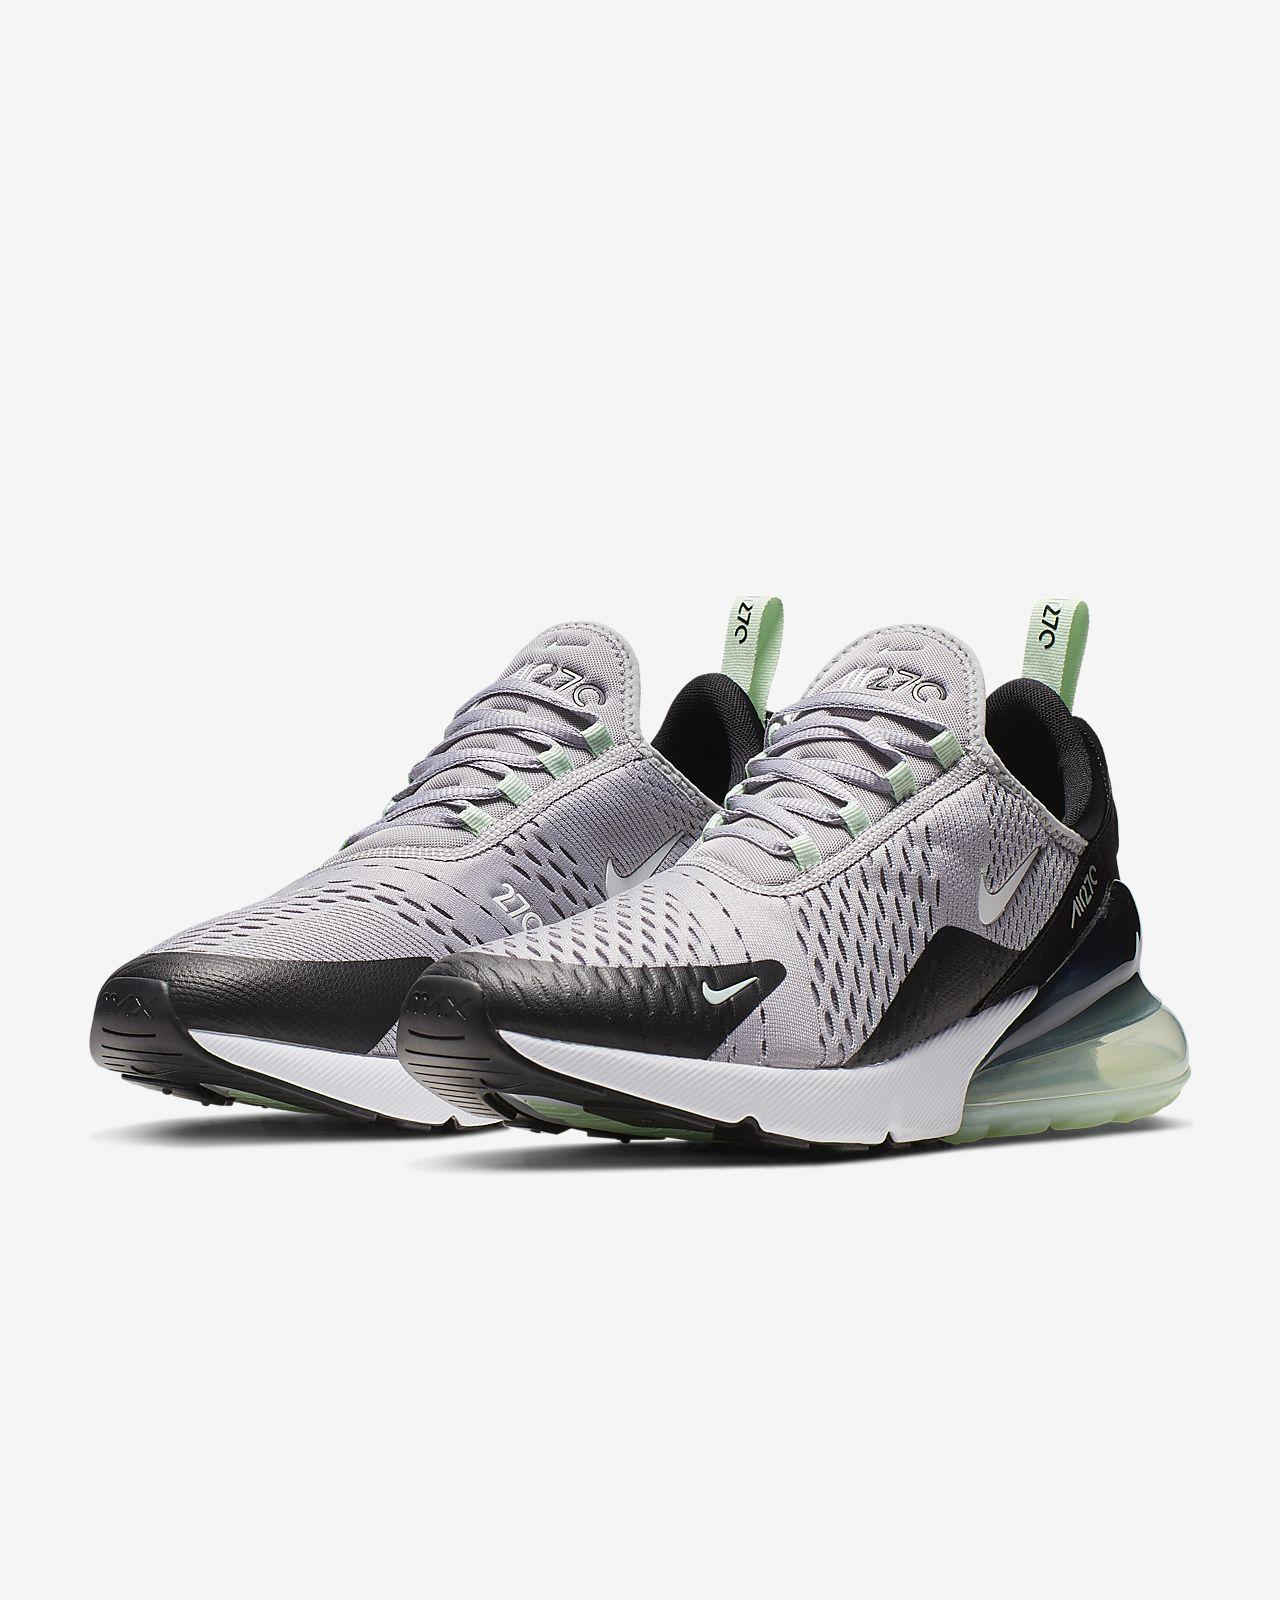 Ambiance Rétro Free Run Air Max Gris Nike Apple